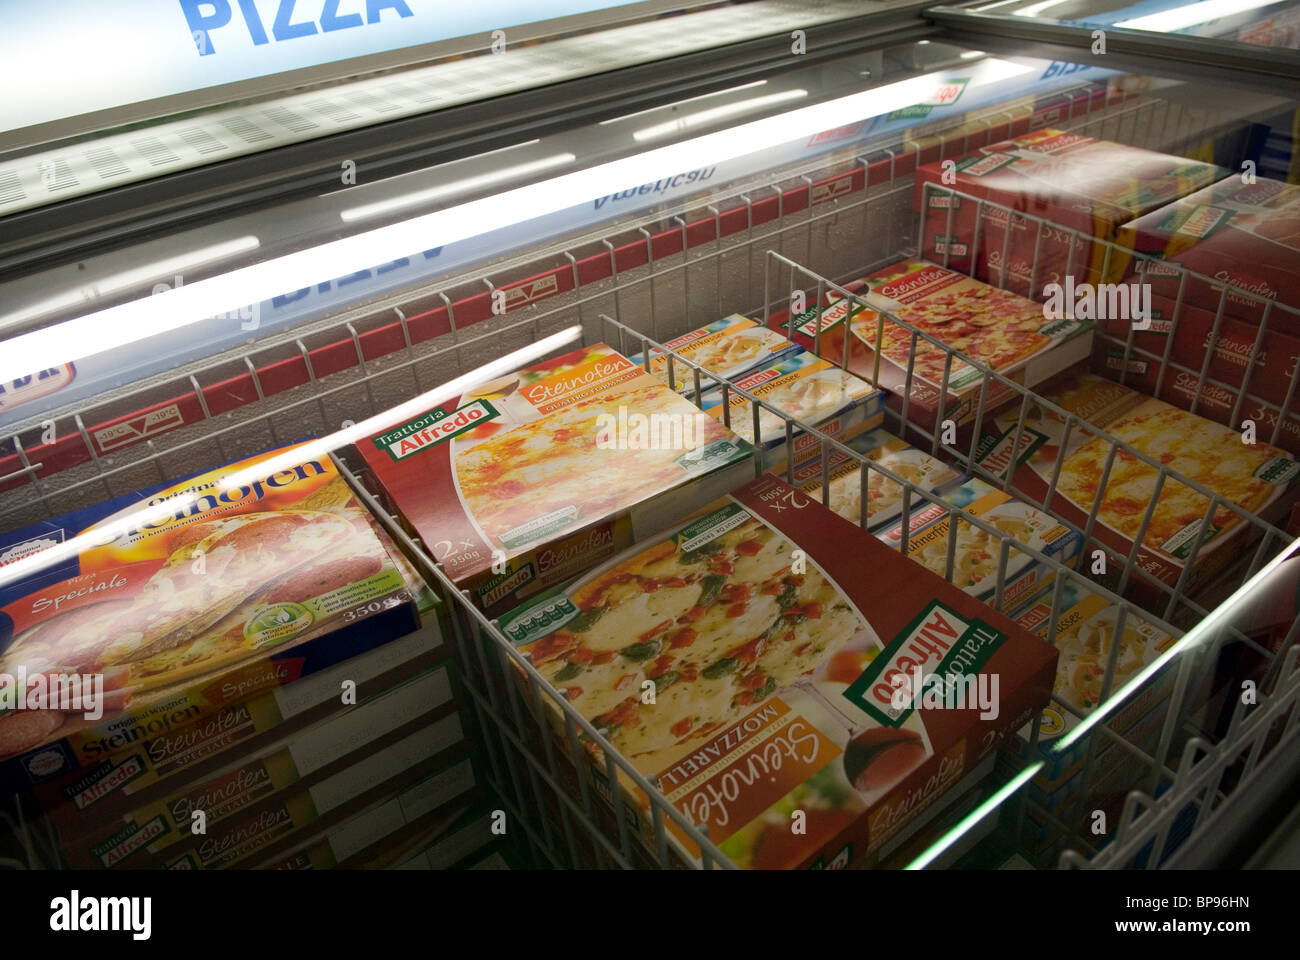 Aldi Kühlschrank : Aldi supermarkt pizza kühlschrank deutschland stockfoto bild